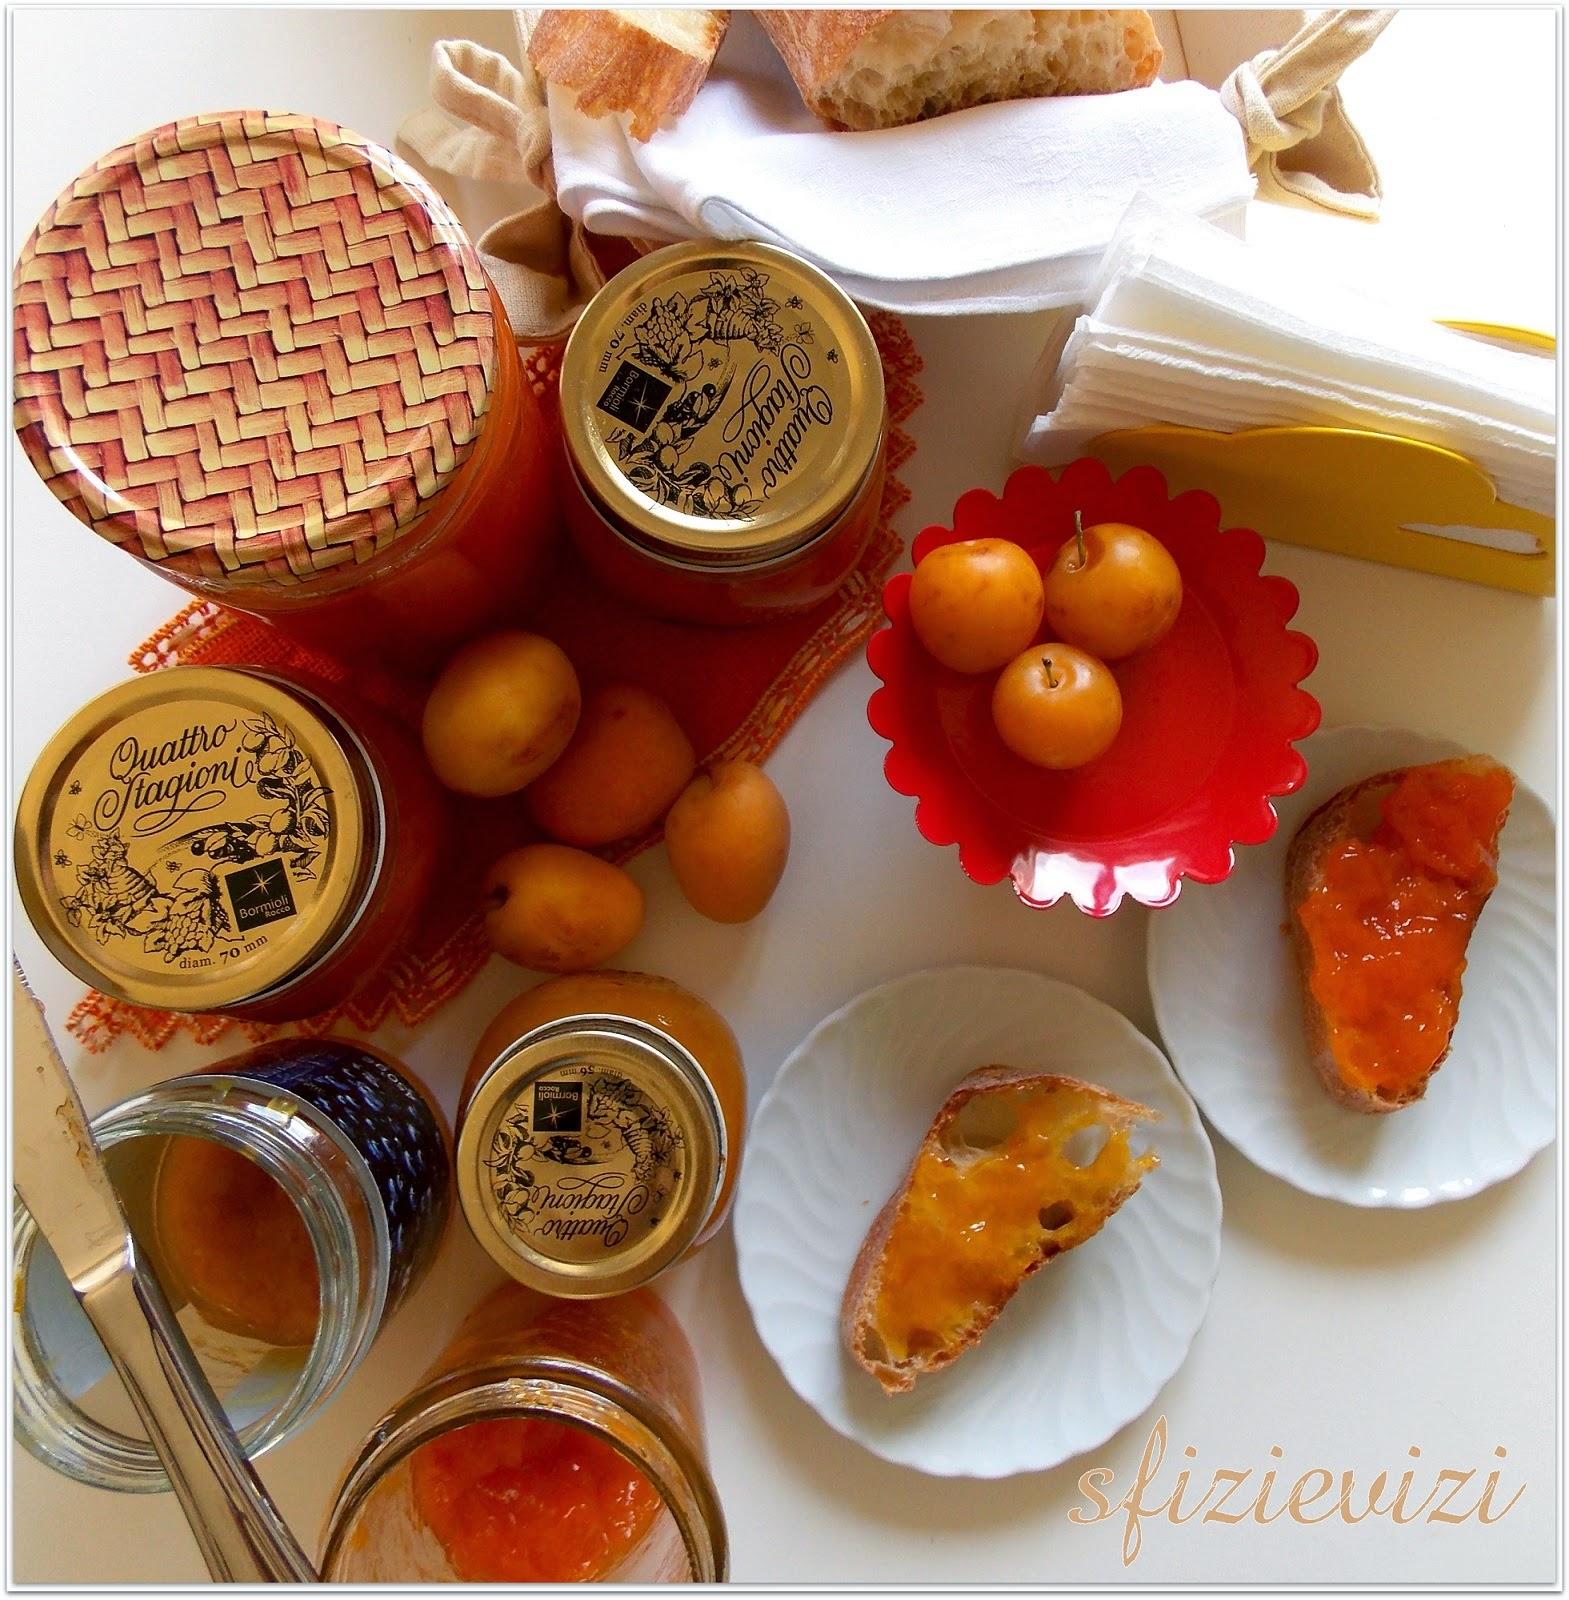 le mie confettura estive: mele e susine, pesche tabacchiere, prugne